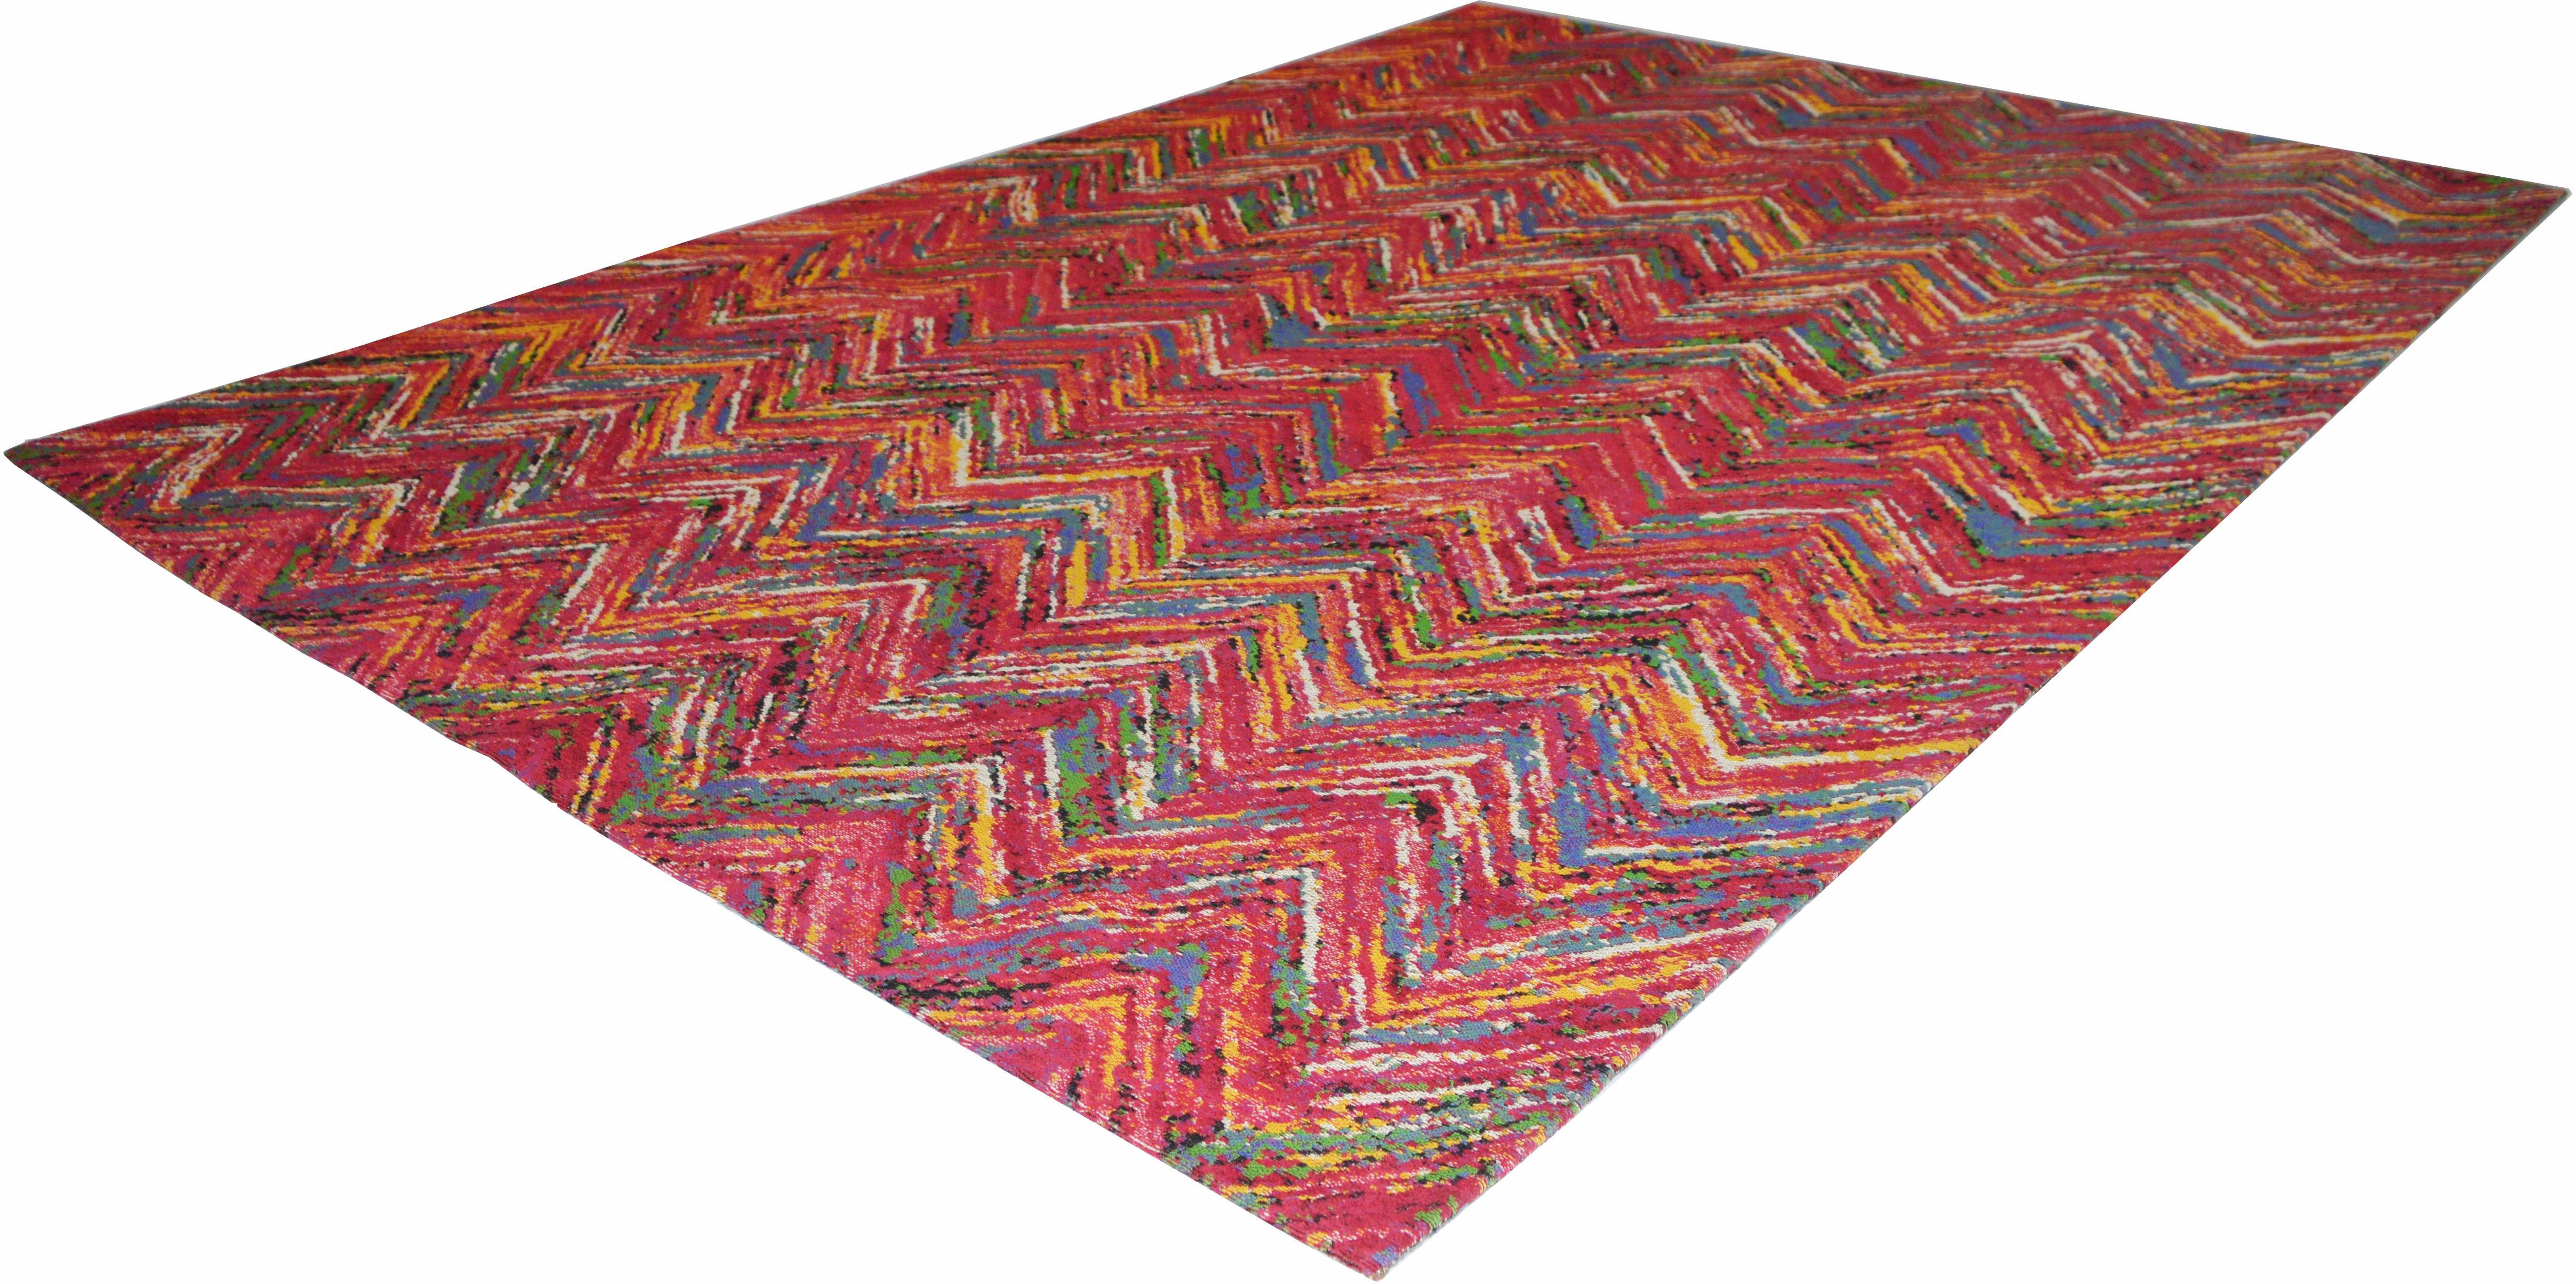 Teppich Solitaire 510 Kayoom rechteckig Höhe 8 mm handgewebt